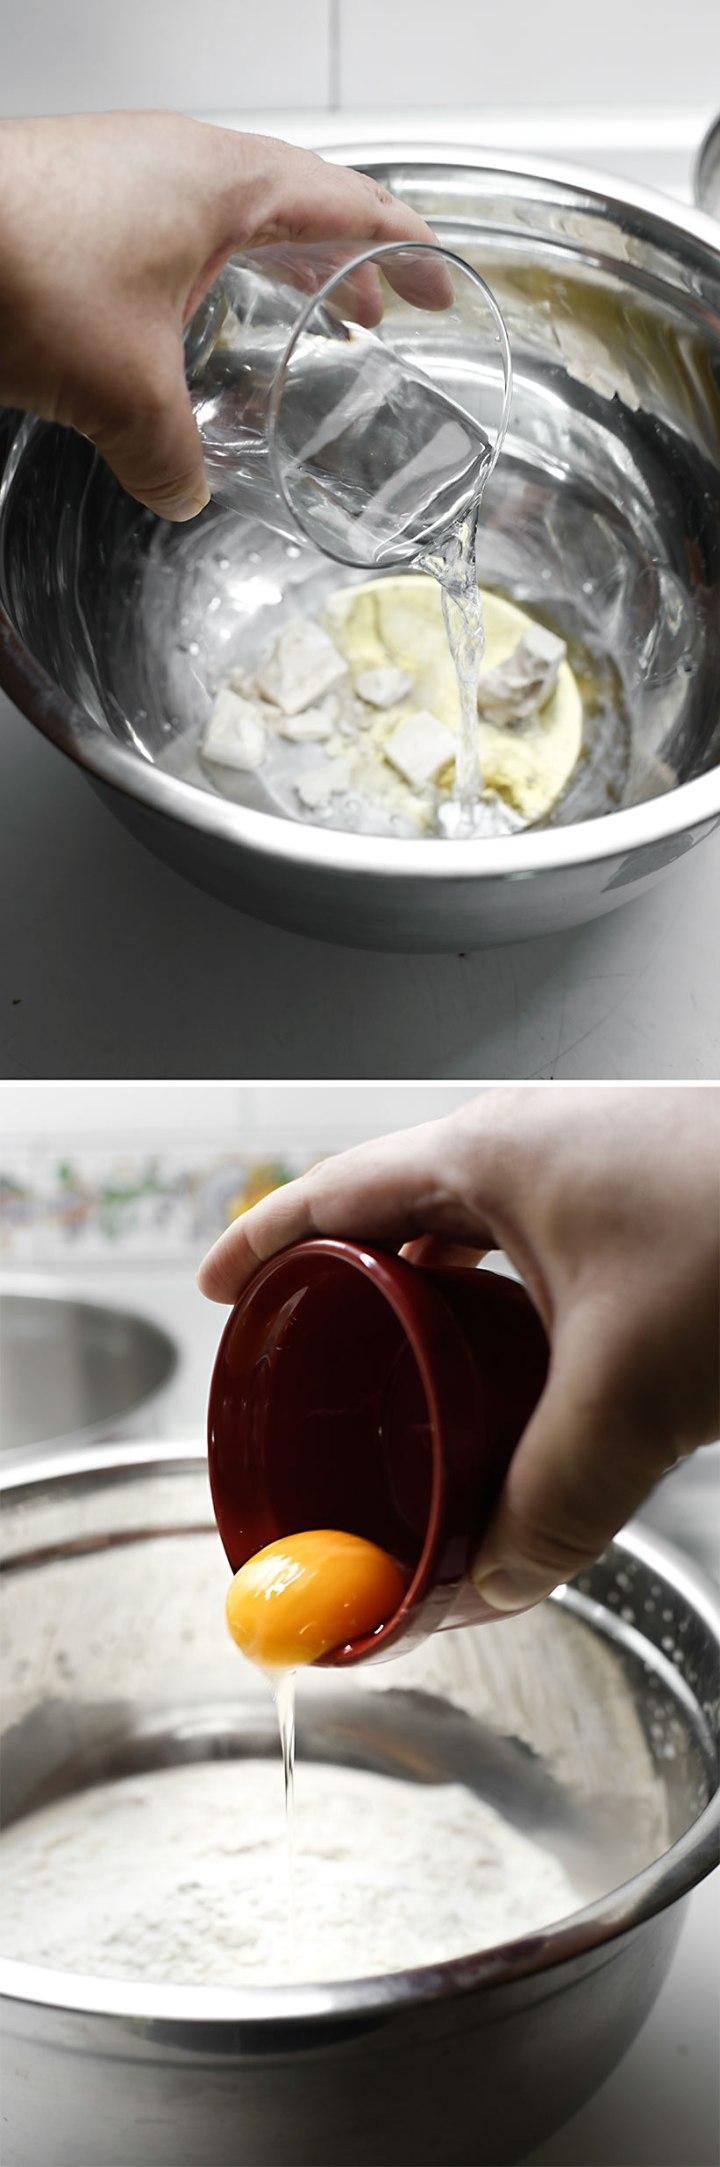 Receta panecillos de aceite de oliva